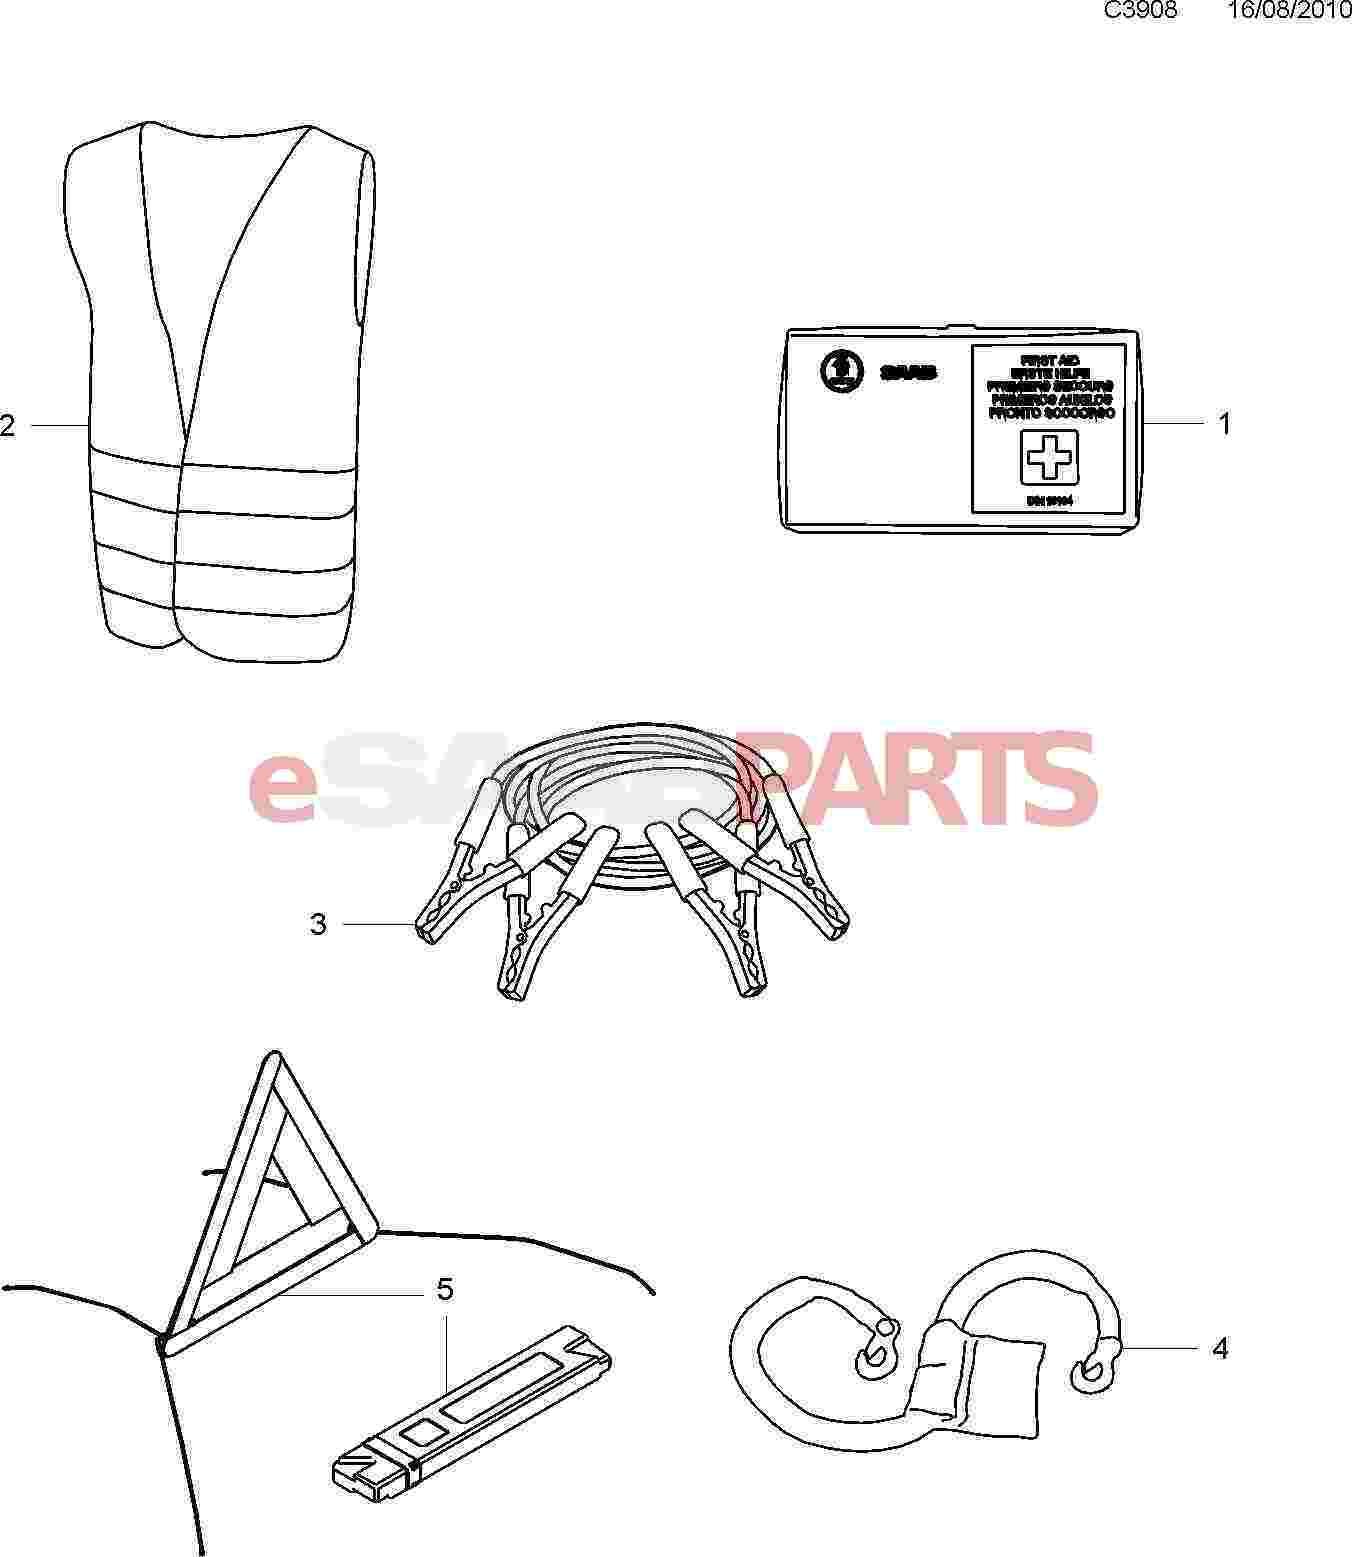 Saab First Aid Kit